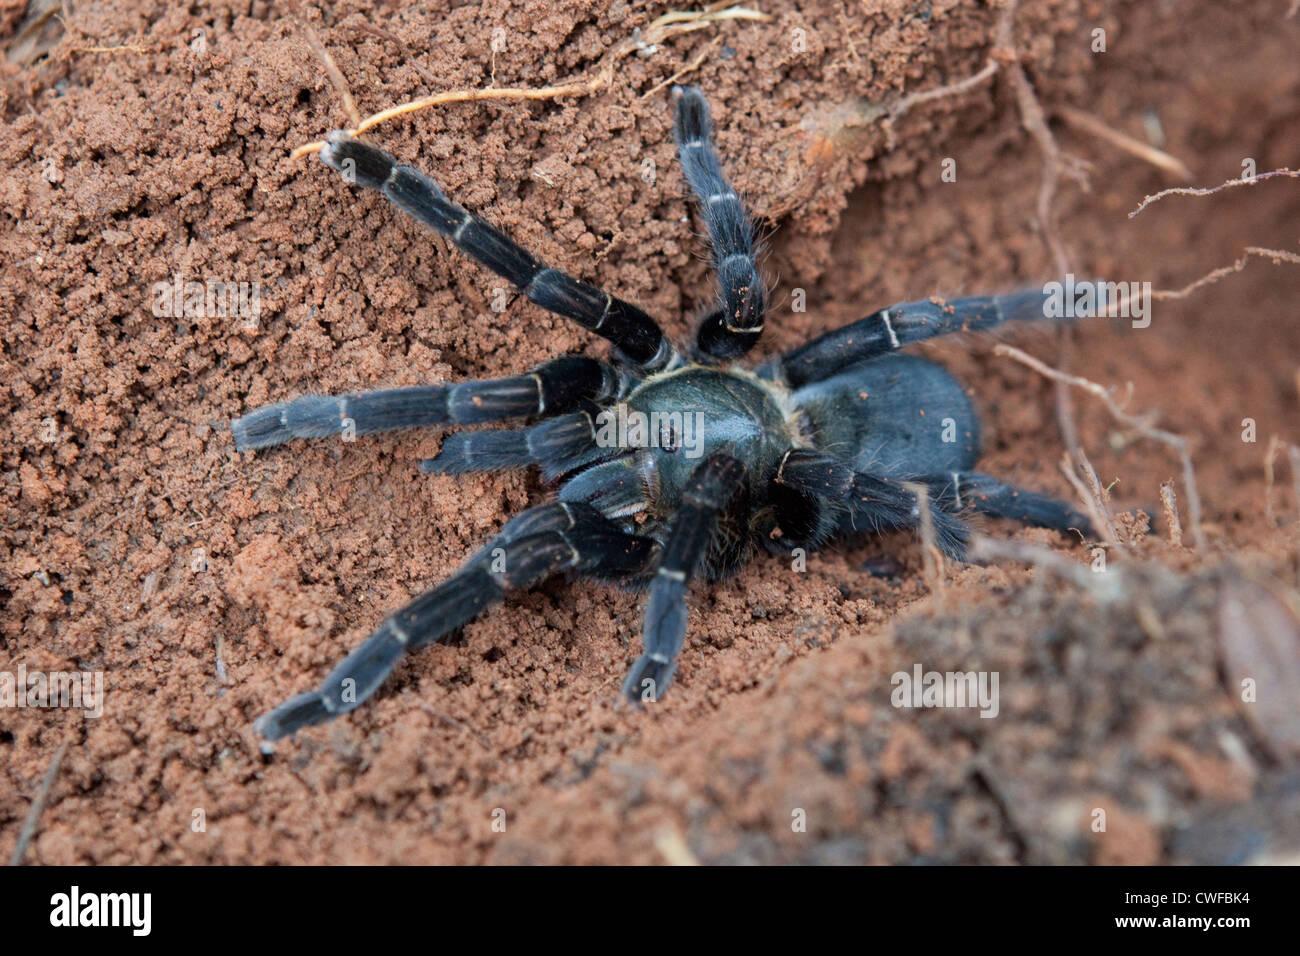 Tarantula - Stock Image